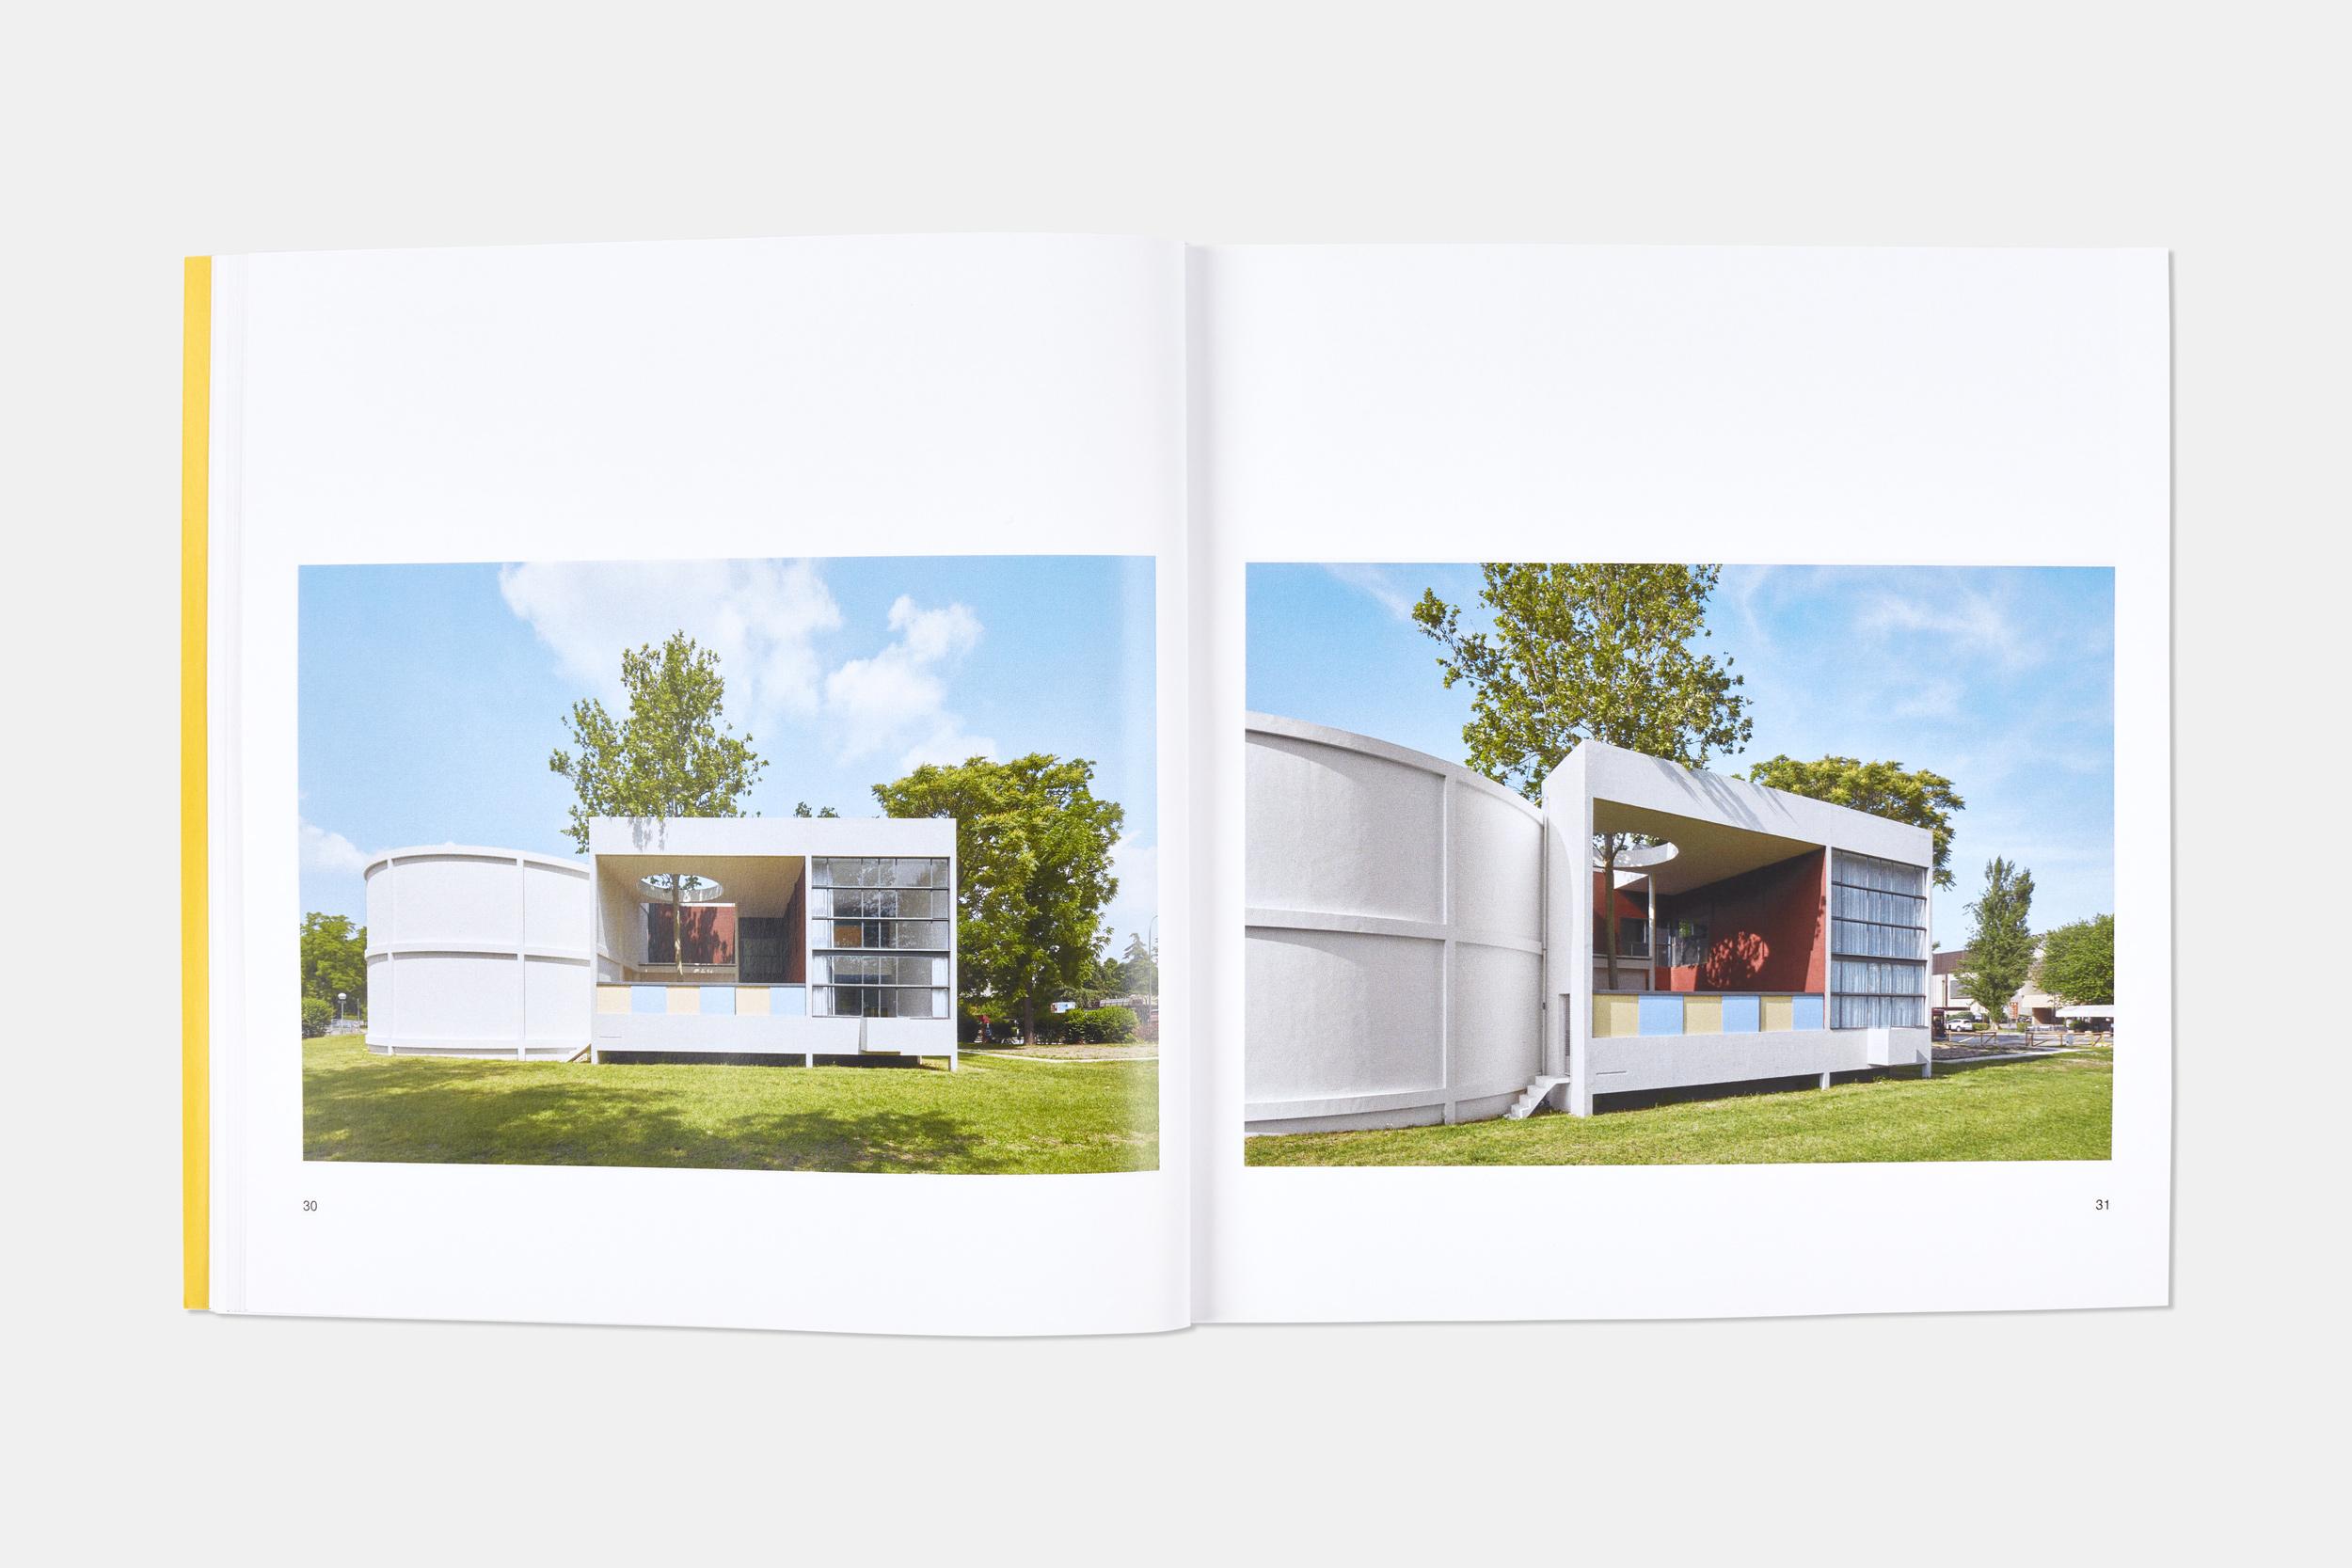 Federico_Covre_Le_Corbusier_Phoenix_Book_Esprit_Nouveau_2018_08